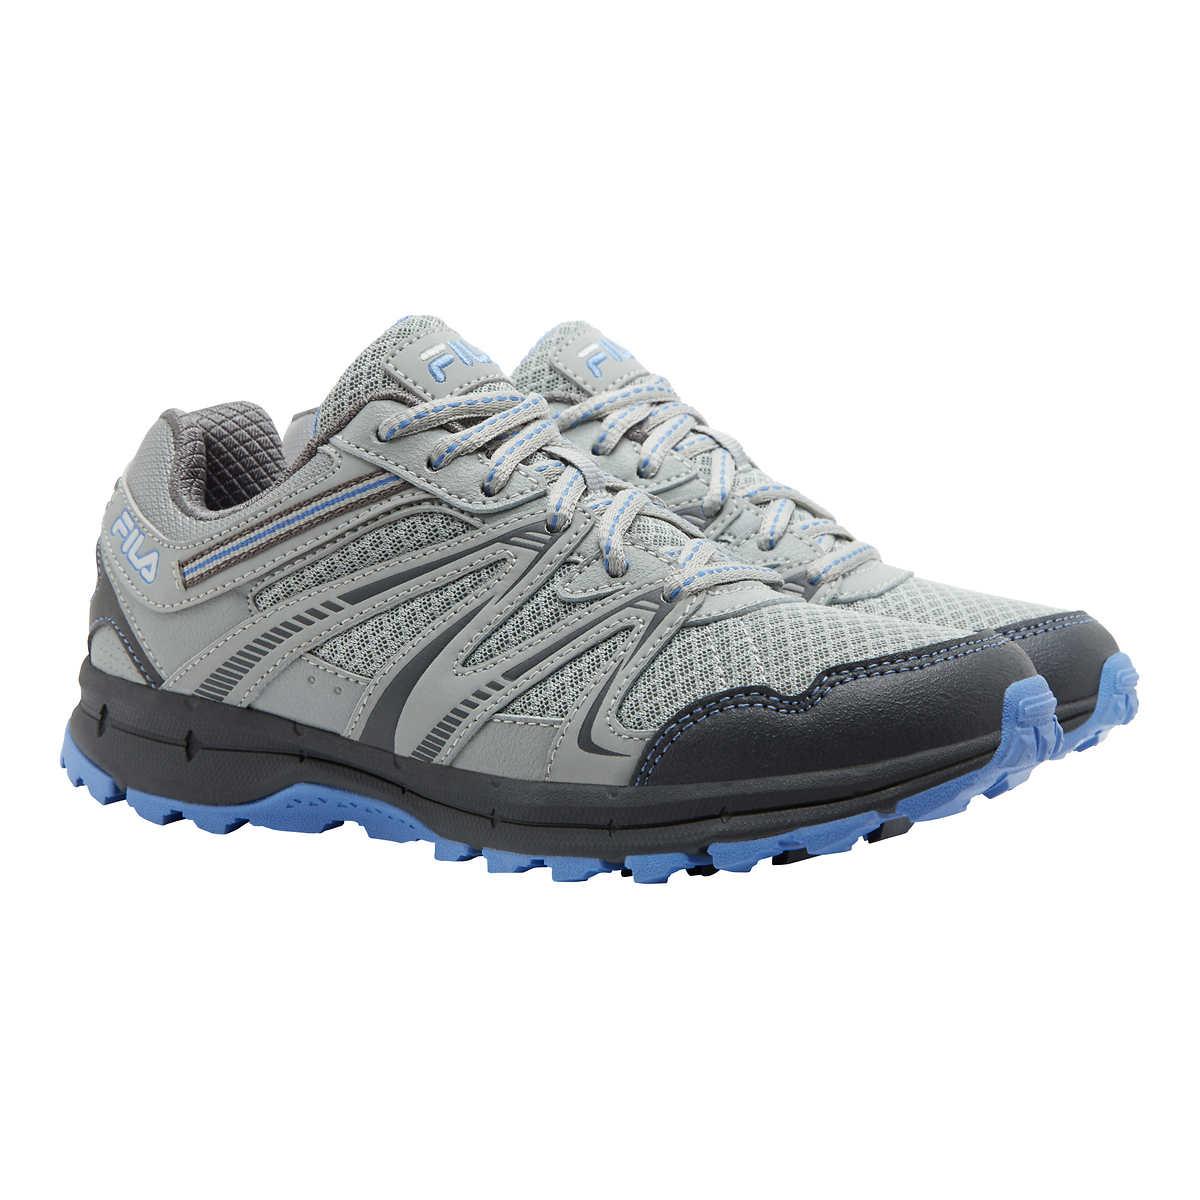 Fila Mens Shoes Costco